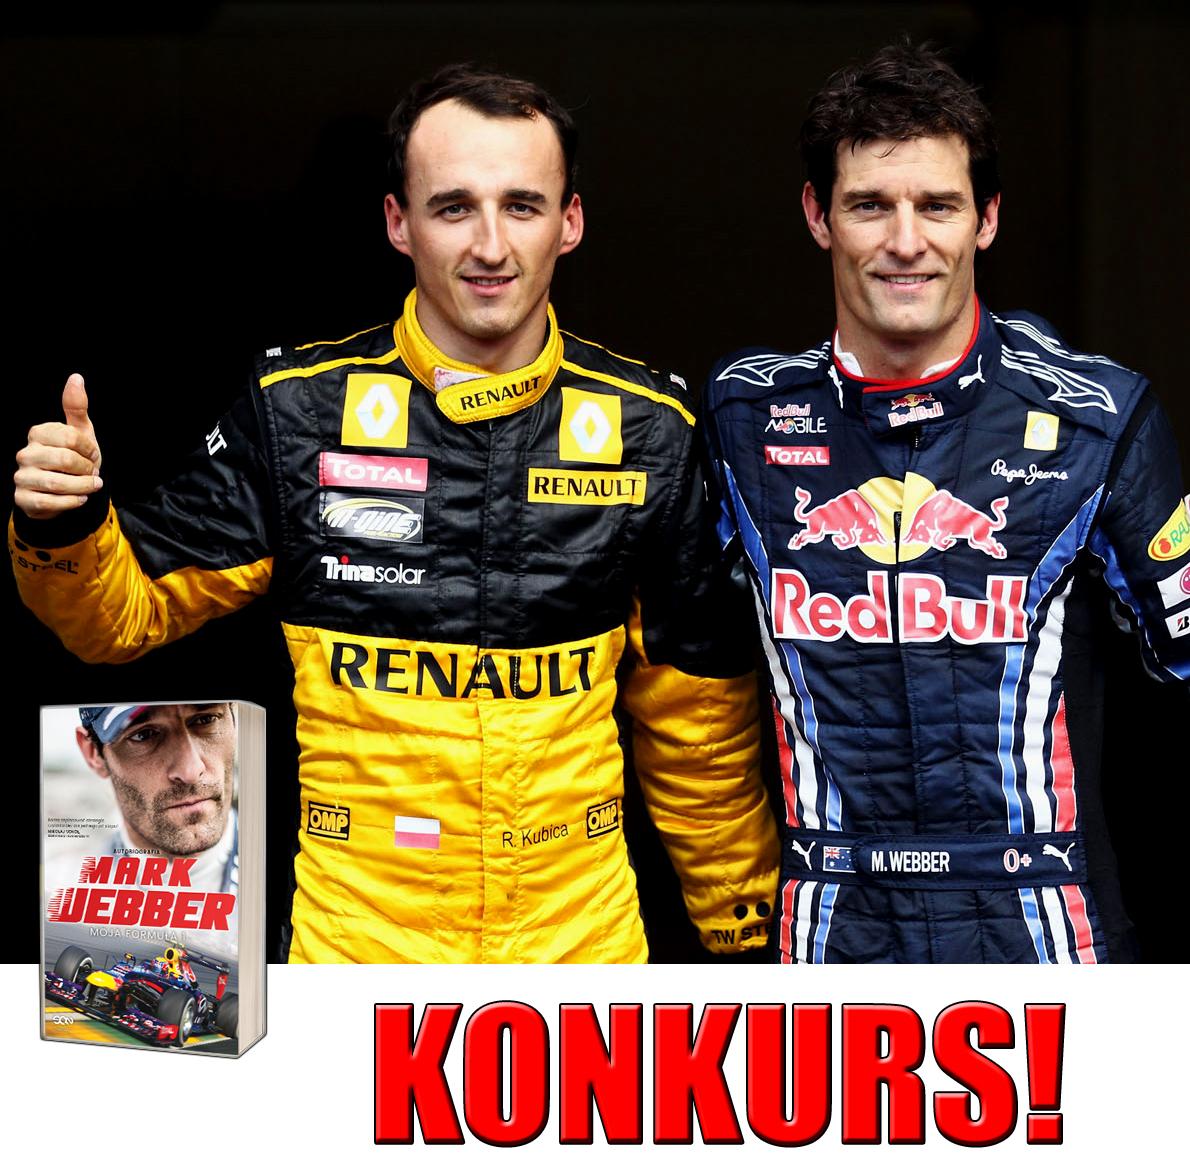 Robert Kubica Mark Webber - Konkurs - F1 GP